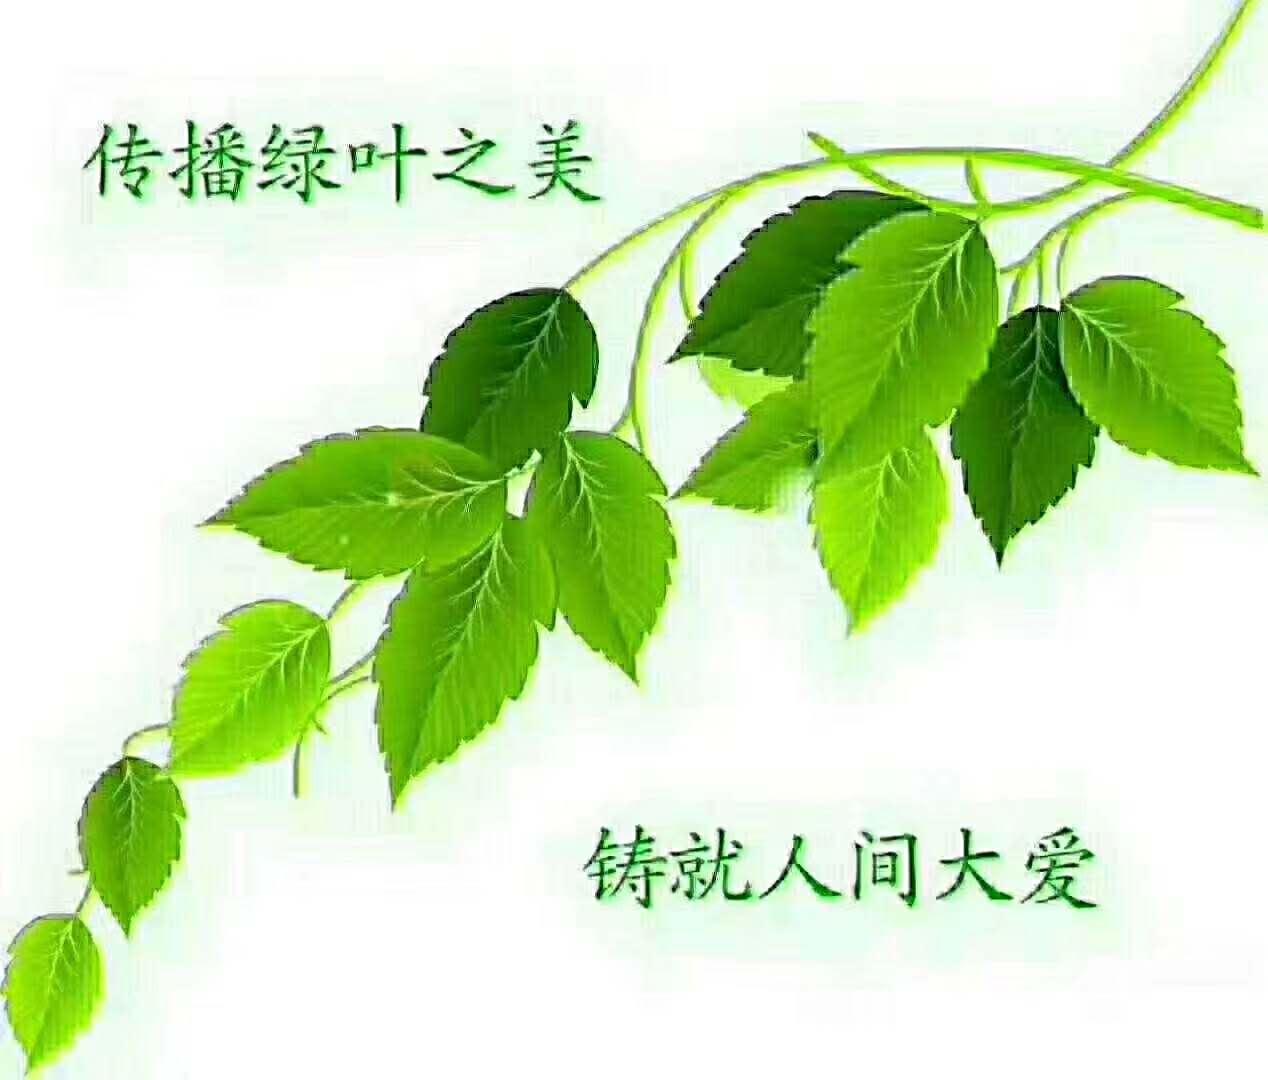 苏州绿叶日用品有限公司